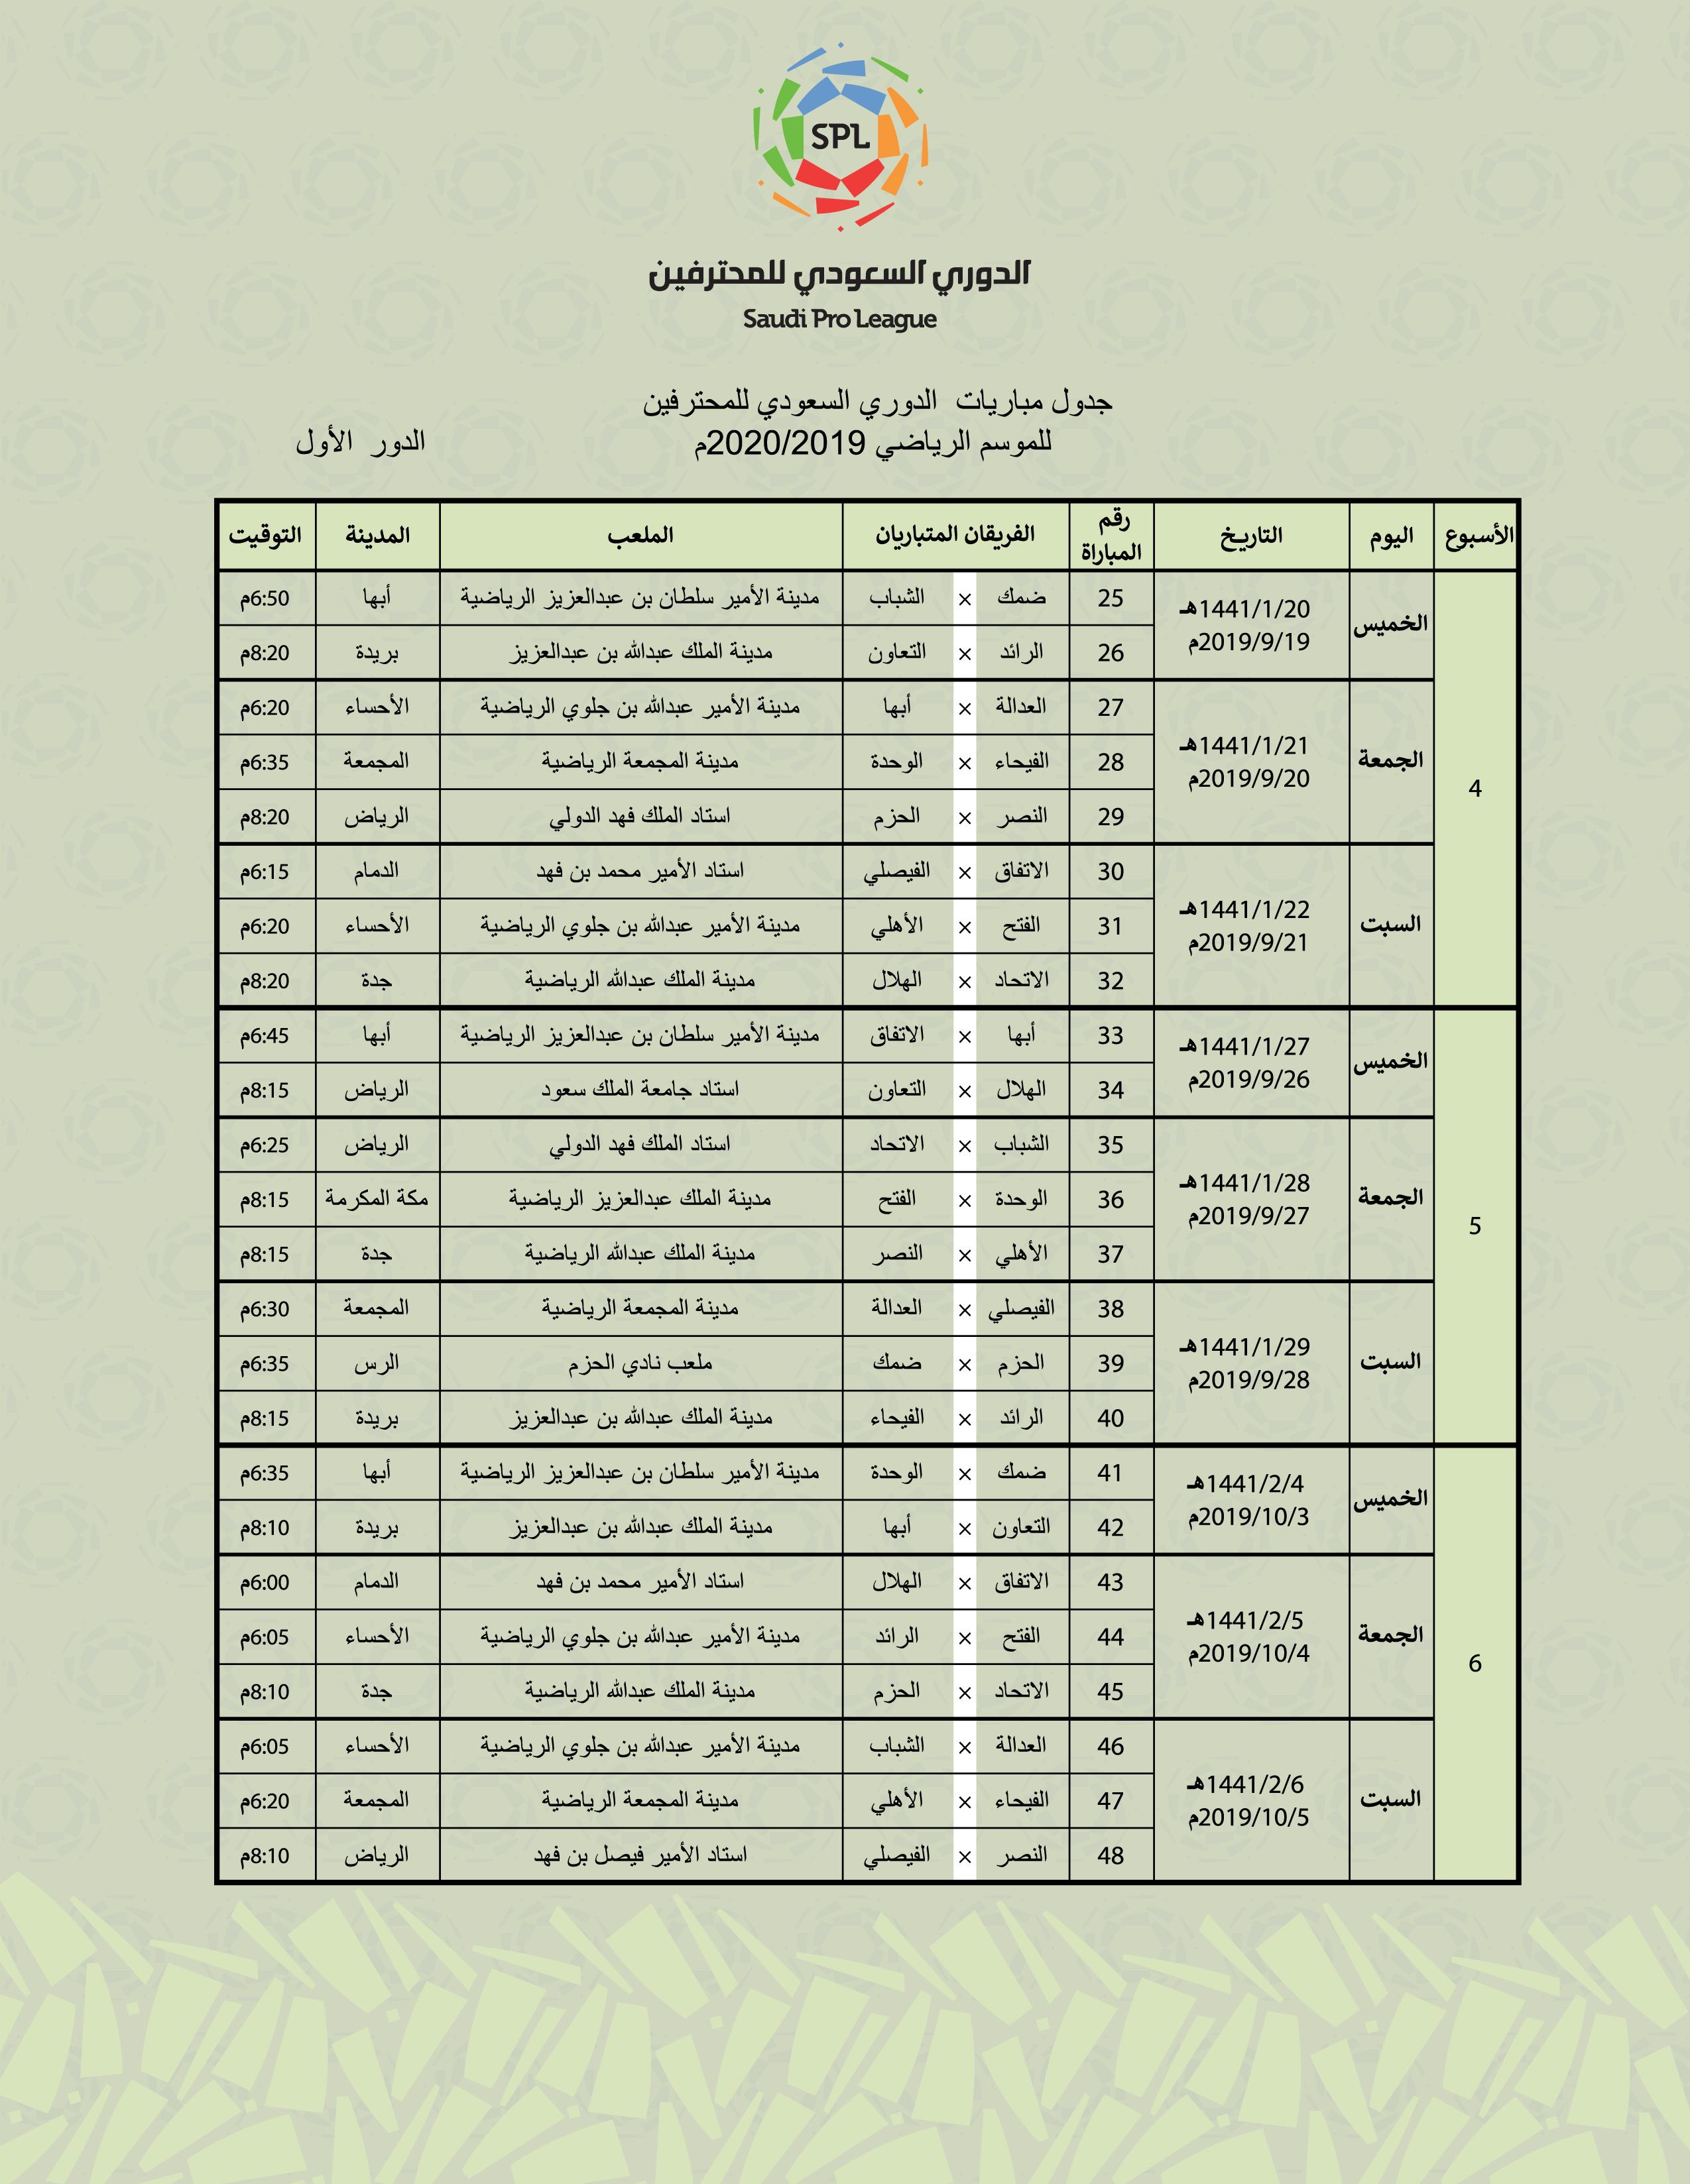 جدول مباريات الدوري السعودي الدور الثاني 2019